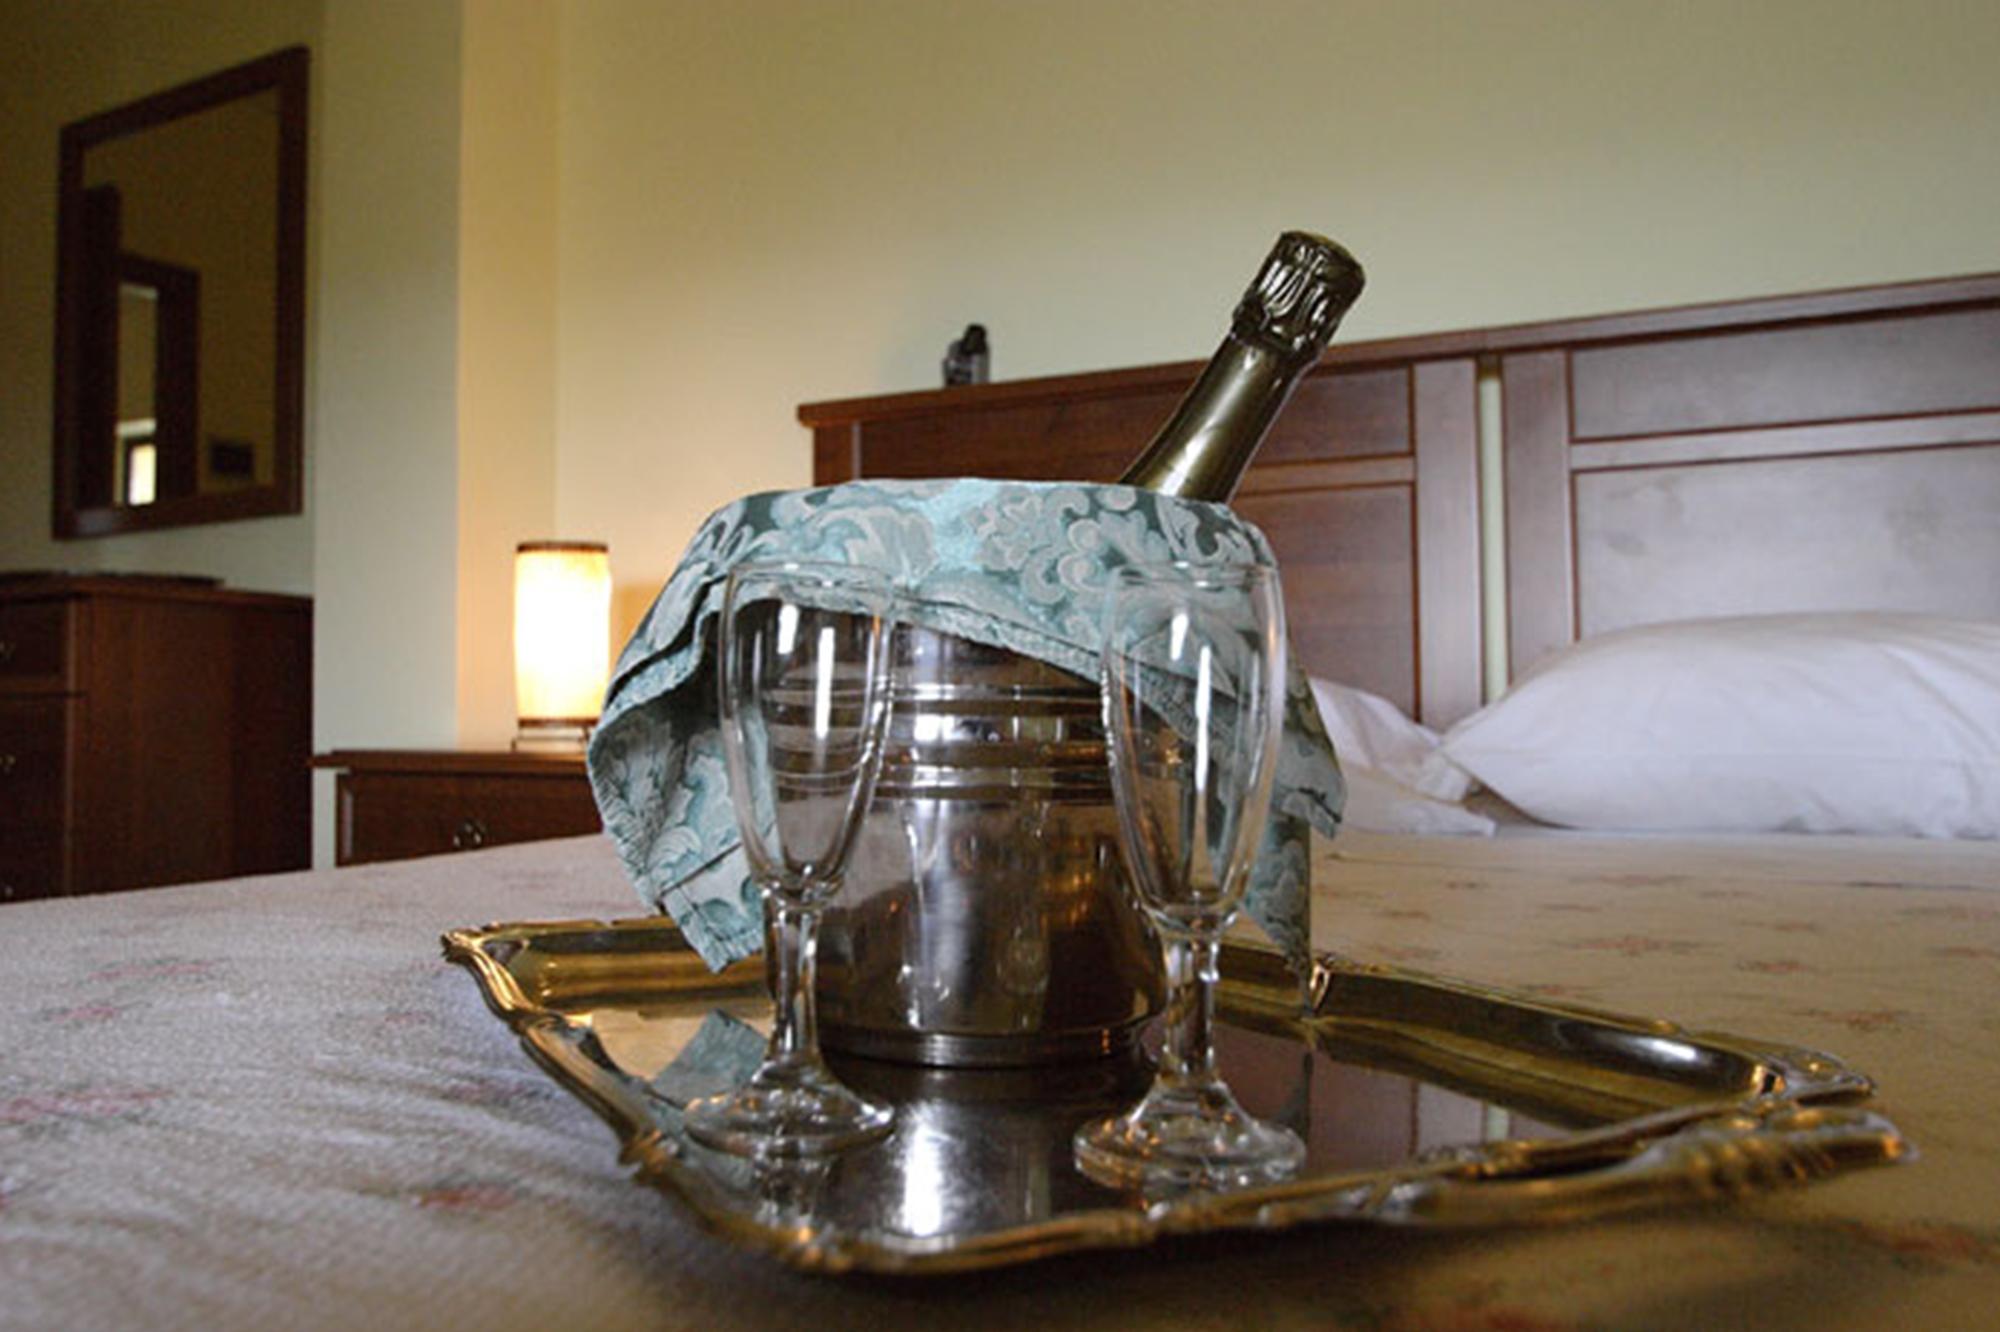 la-villa-del-colle-ristorante-albergo-hotel-monte-san-giovanni-campano-frosinone-cerimonie-matrimonio-torta